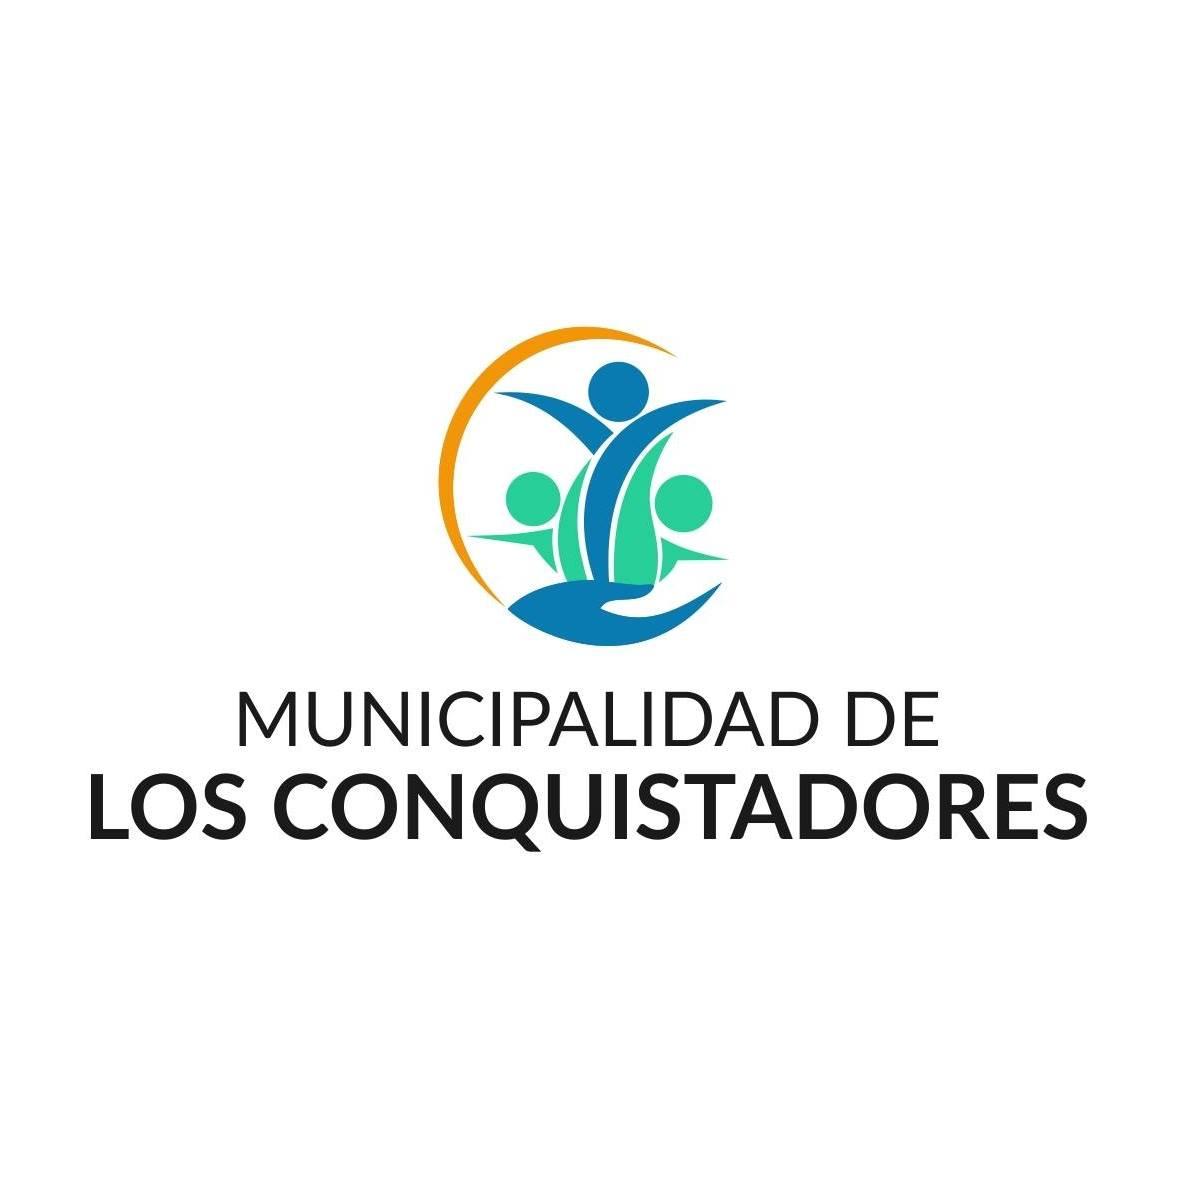 MUNICIPALIDAD DE LOS CONQUISTADORE